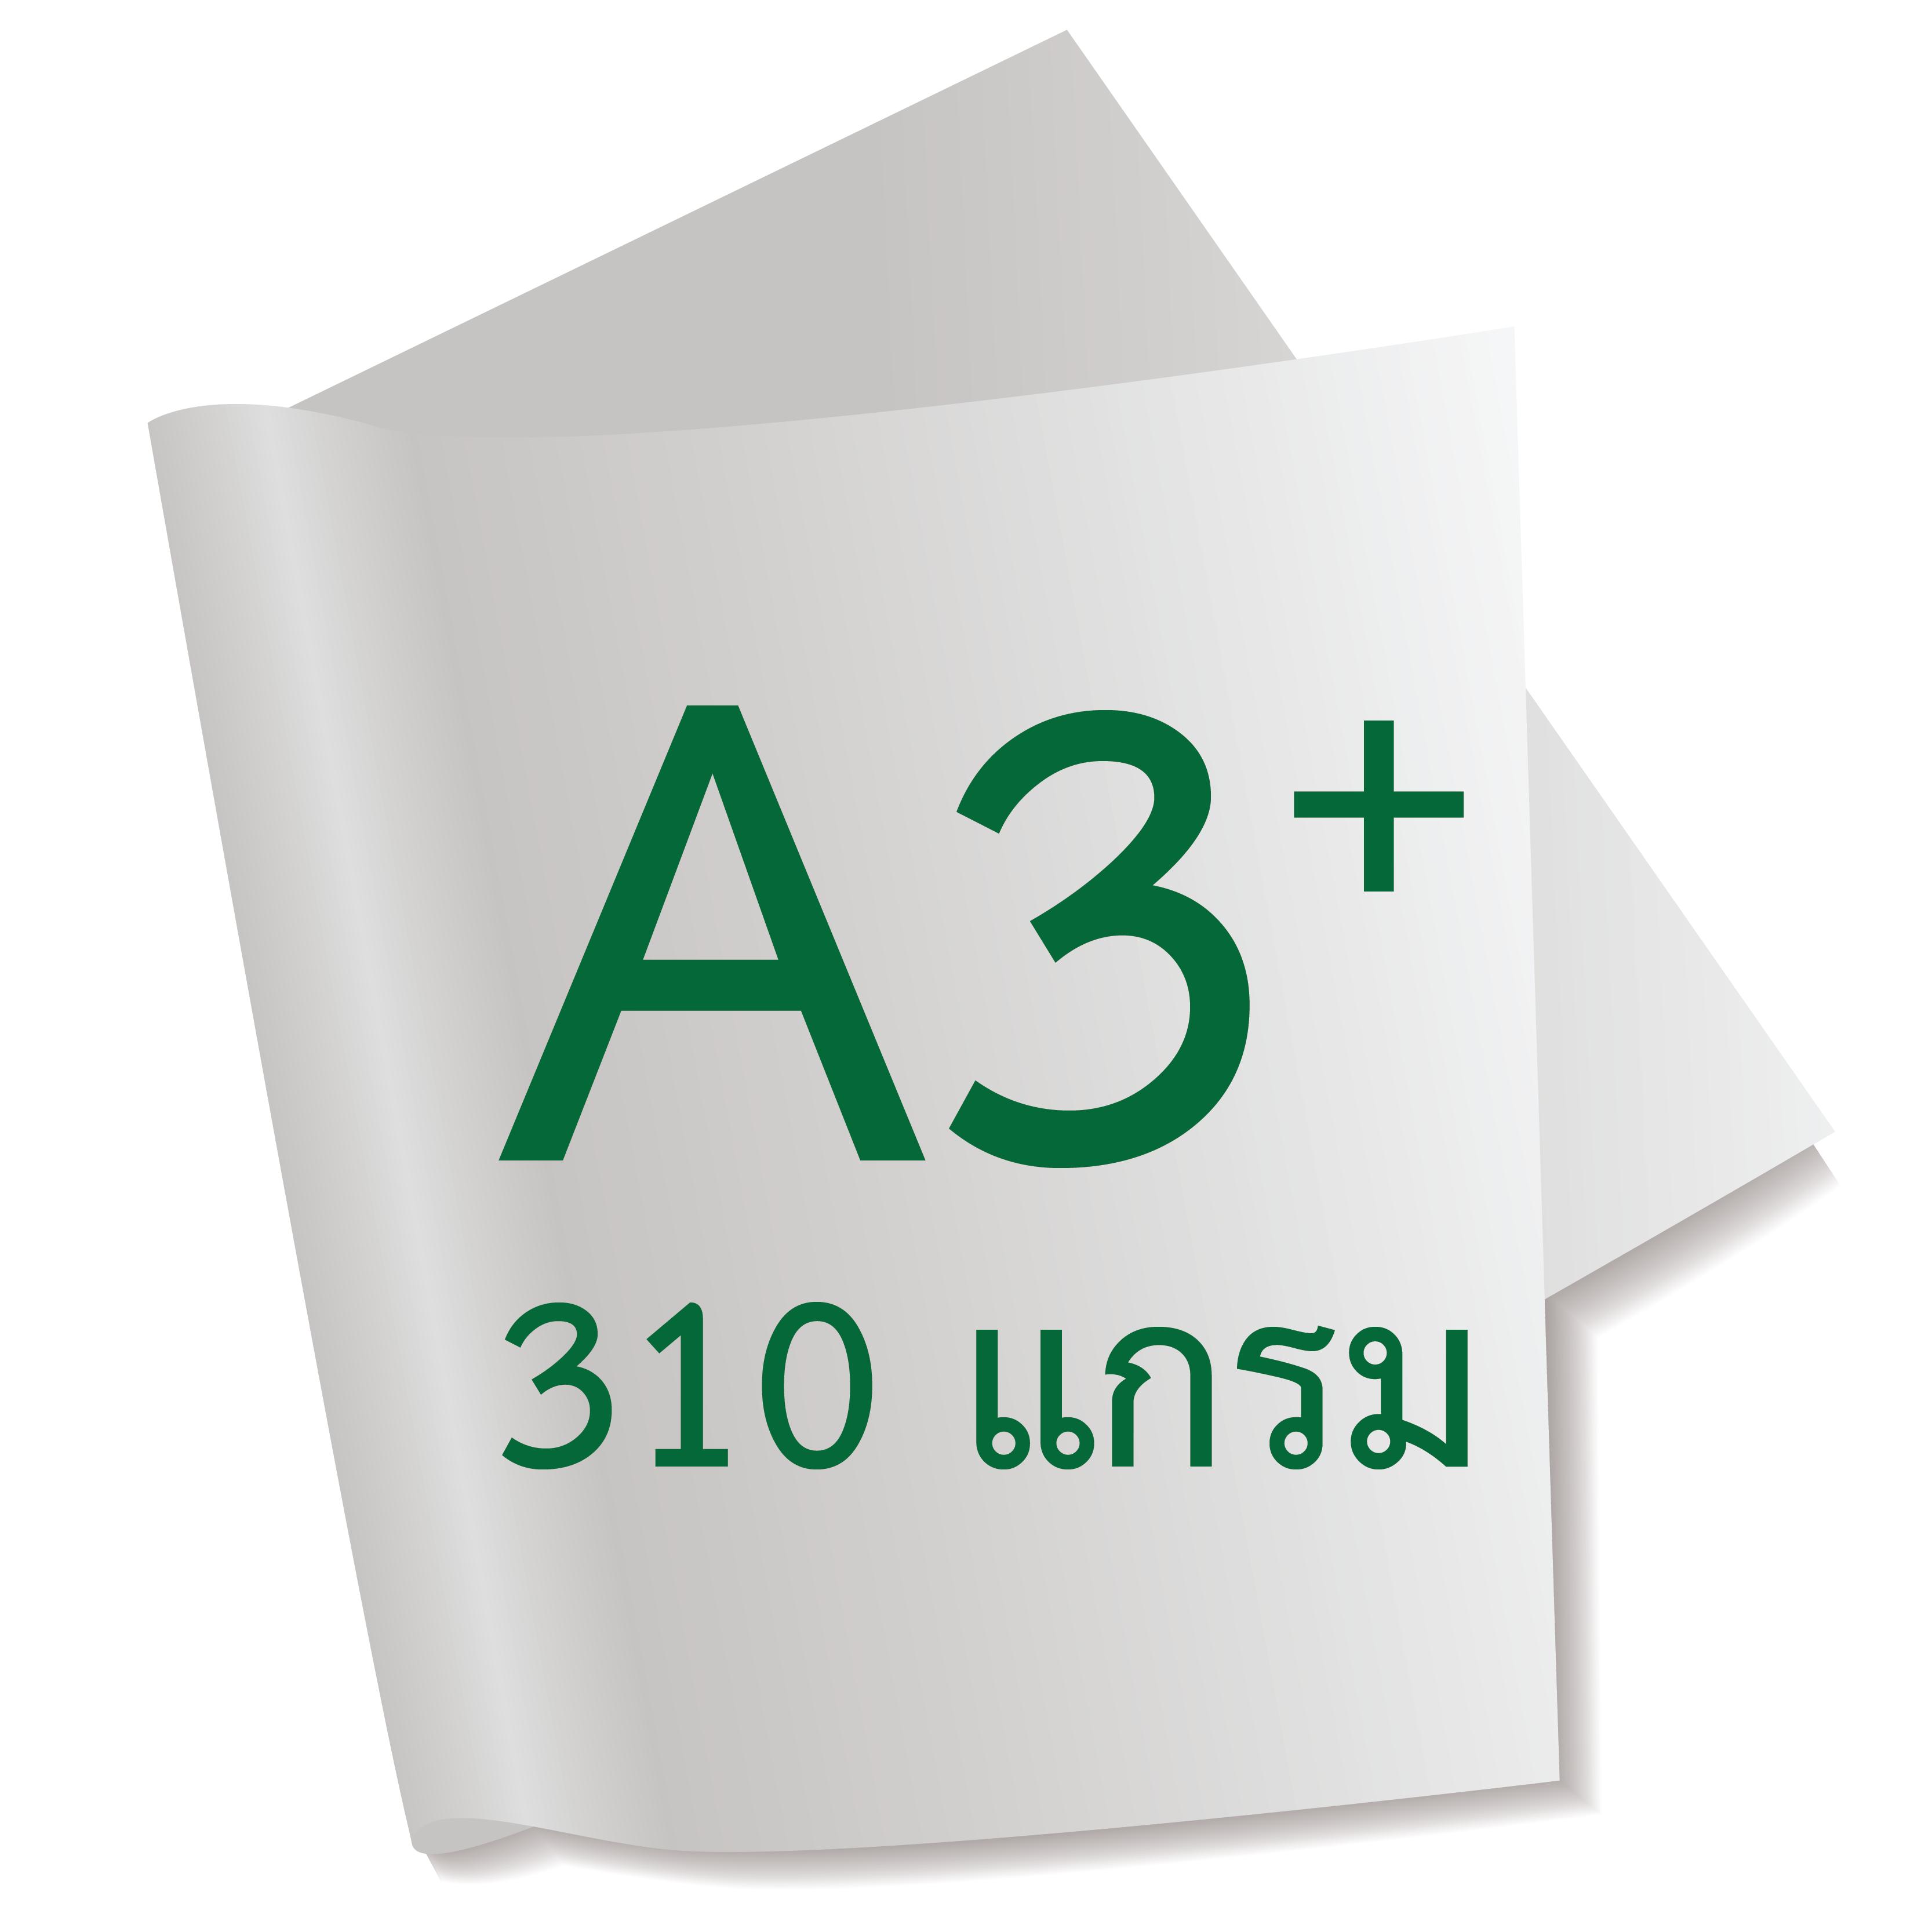 กระดาษอาร์ตการ์ดมัน 2 หน้า 310 แกรม/A3+ (500 แผ่น)